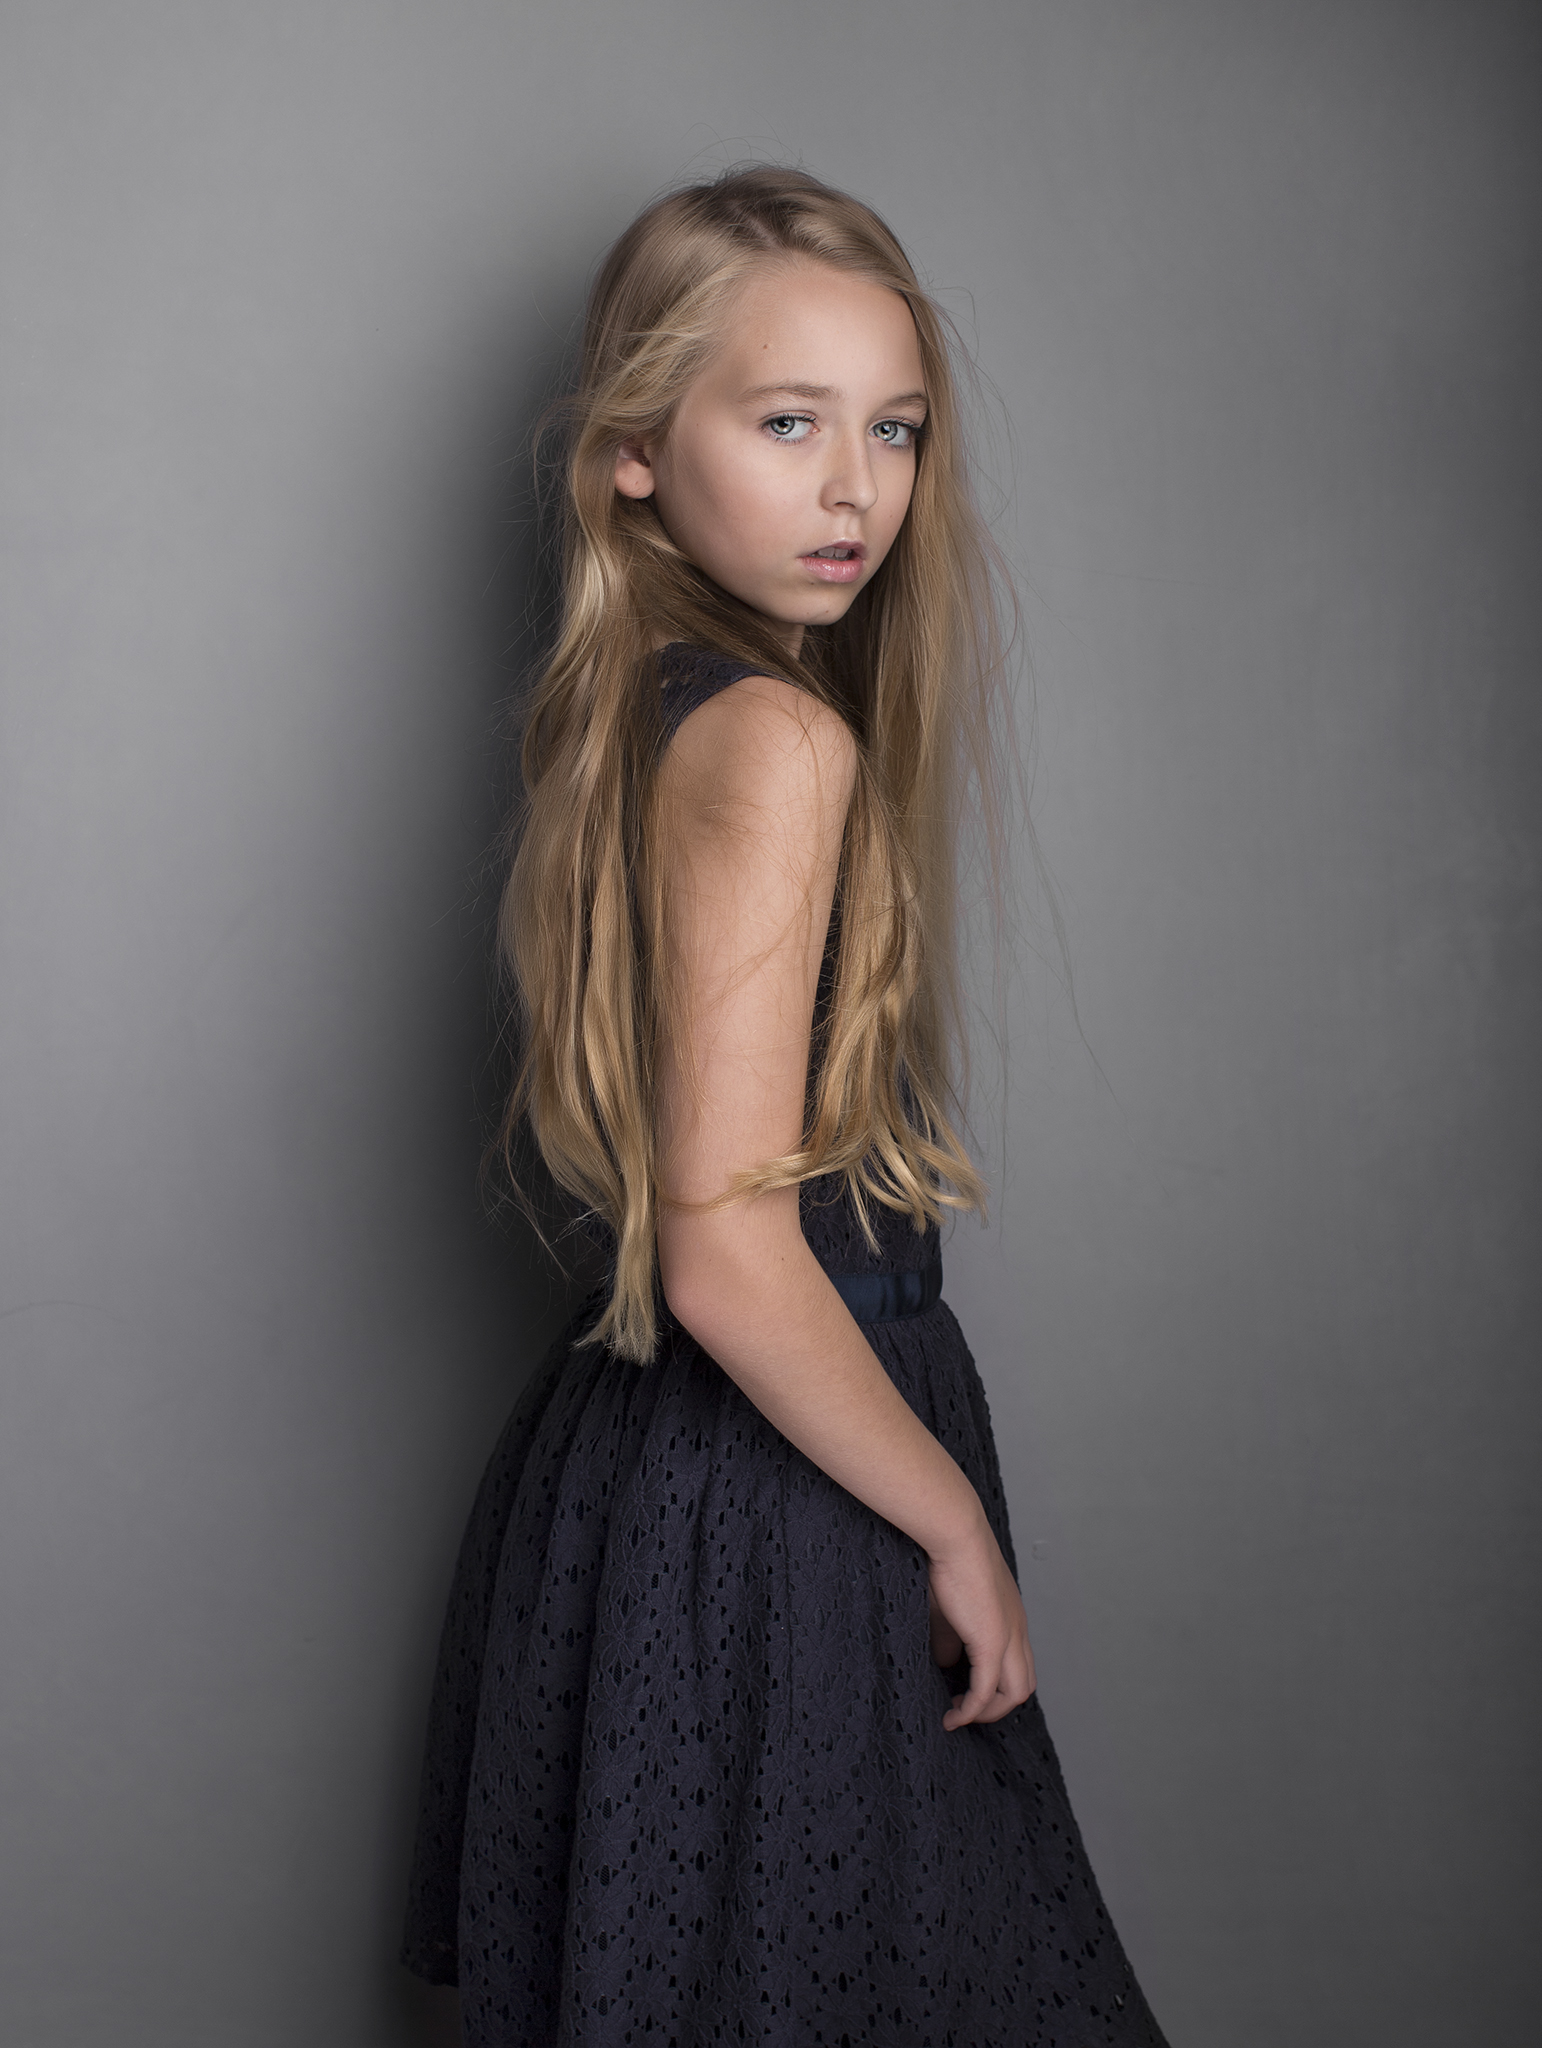 Elizabethg_fineart_photography_harriet_bella_04.jpg